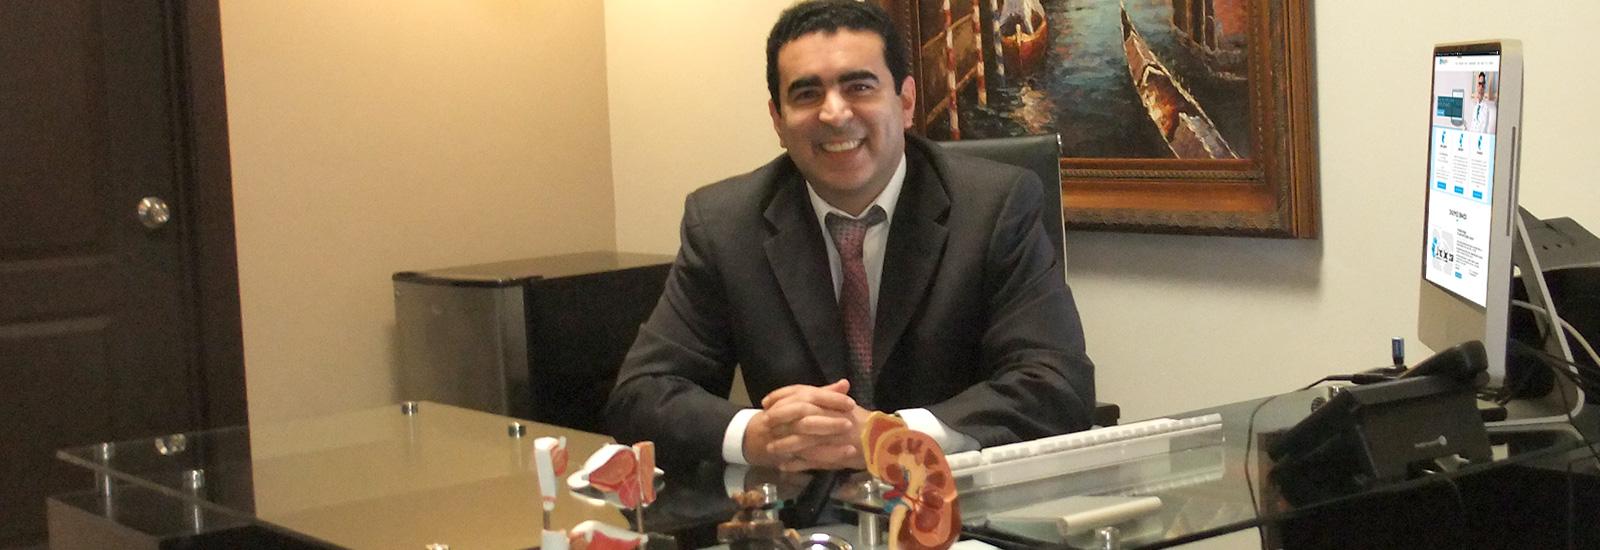 Dr. José Salim Daabub Hasbún